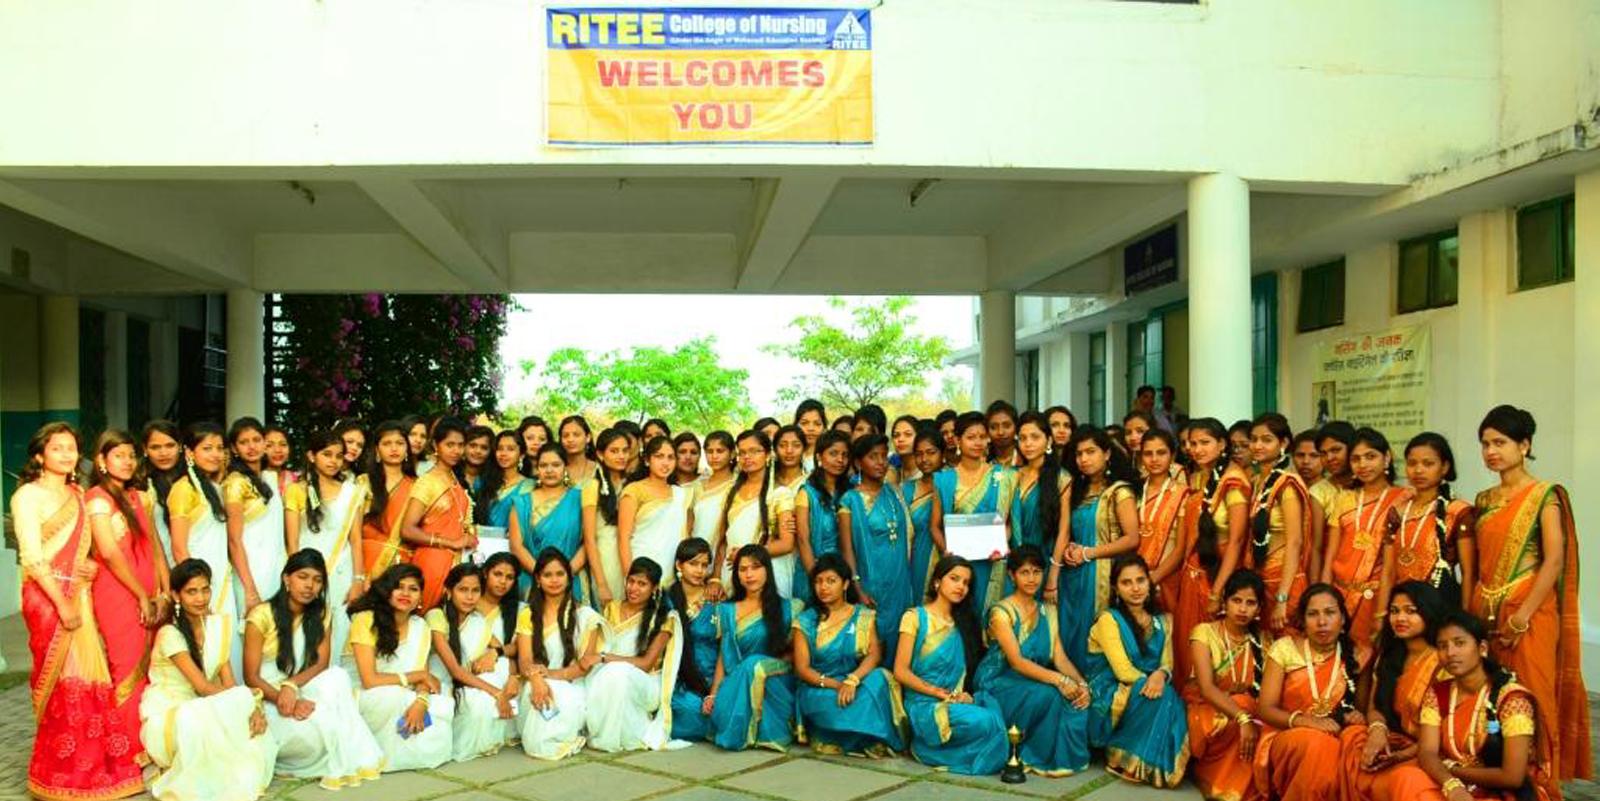 R I T E E College Of Nursing Image